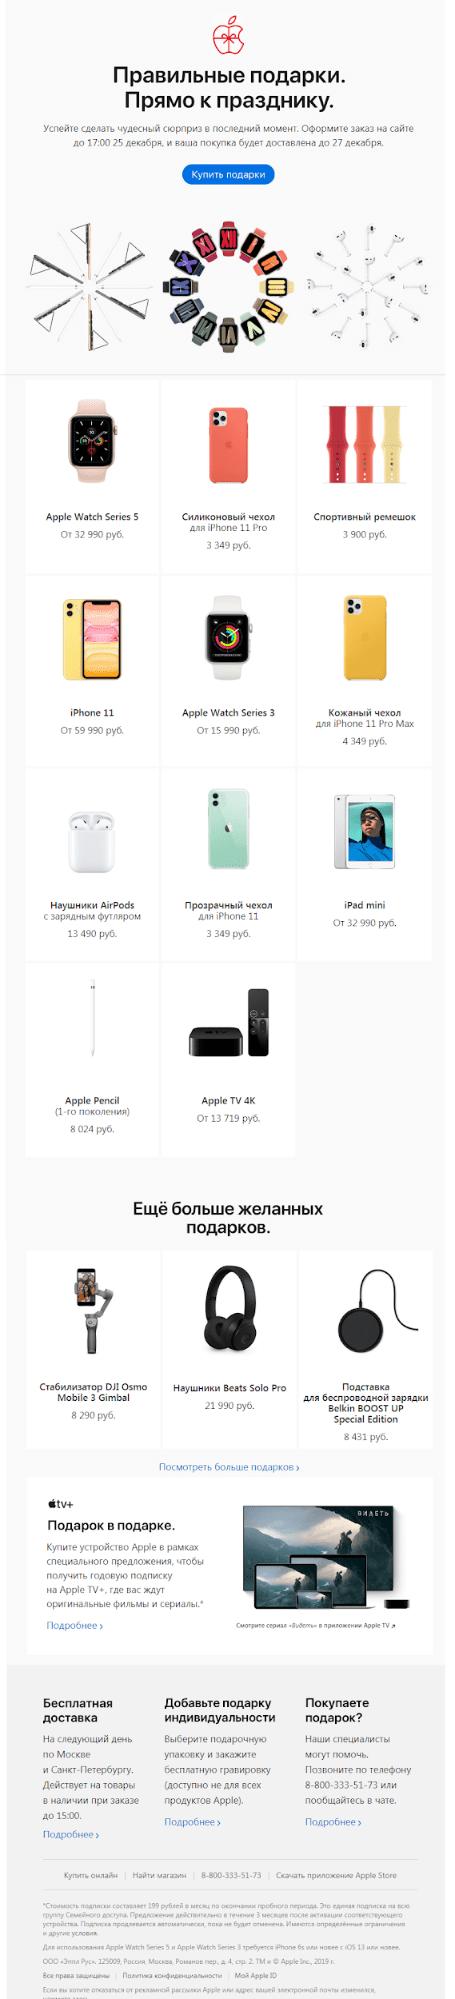 Рассылка с общей подборкой подарков от Apple